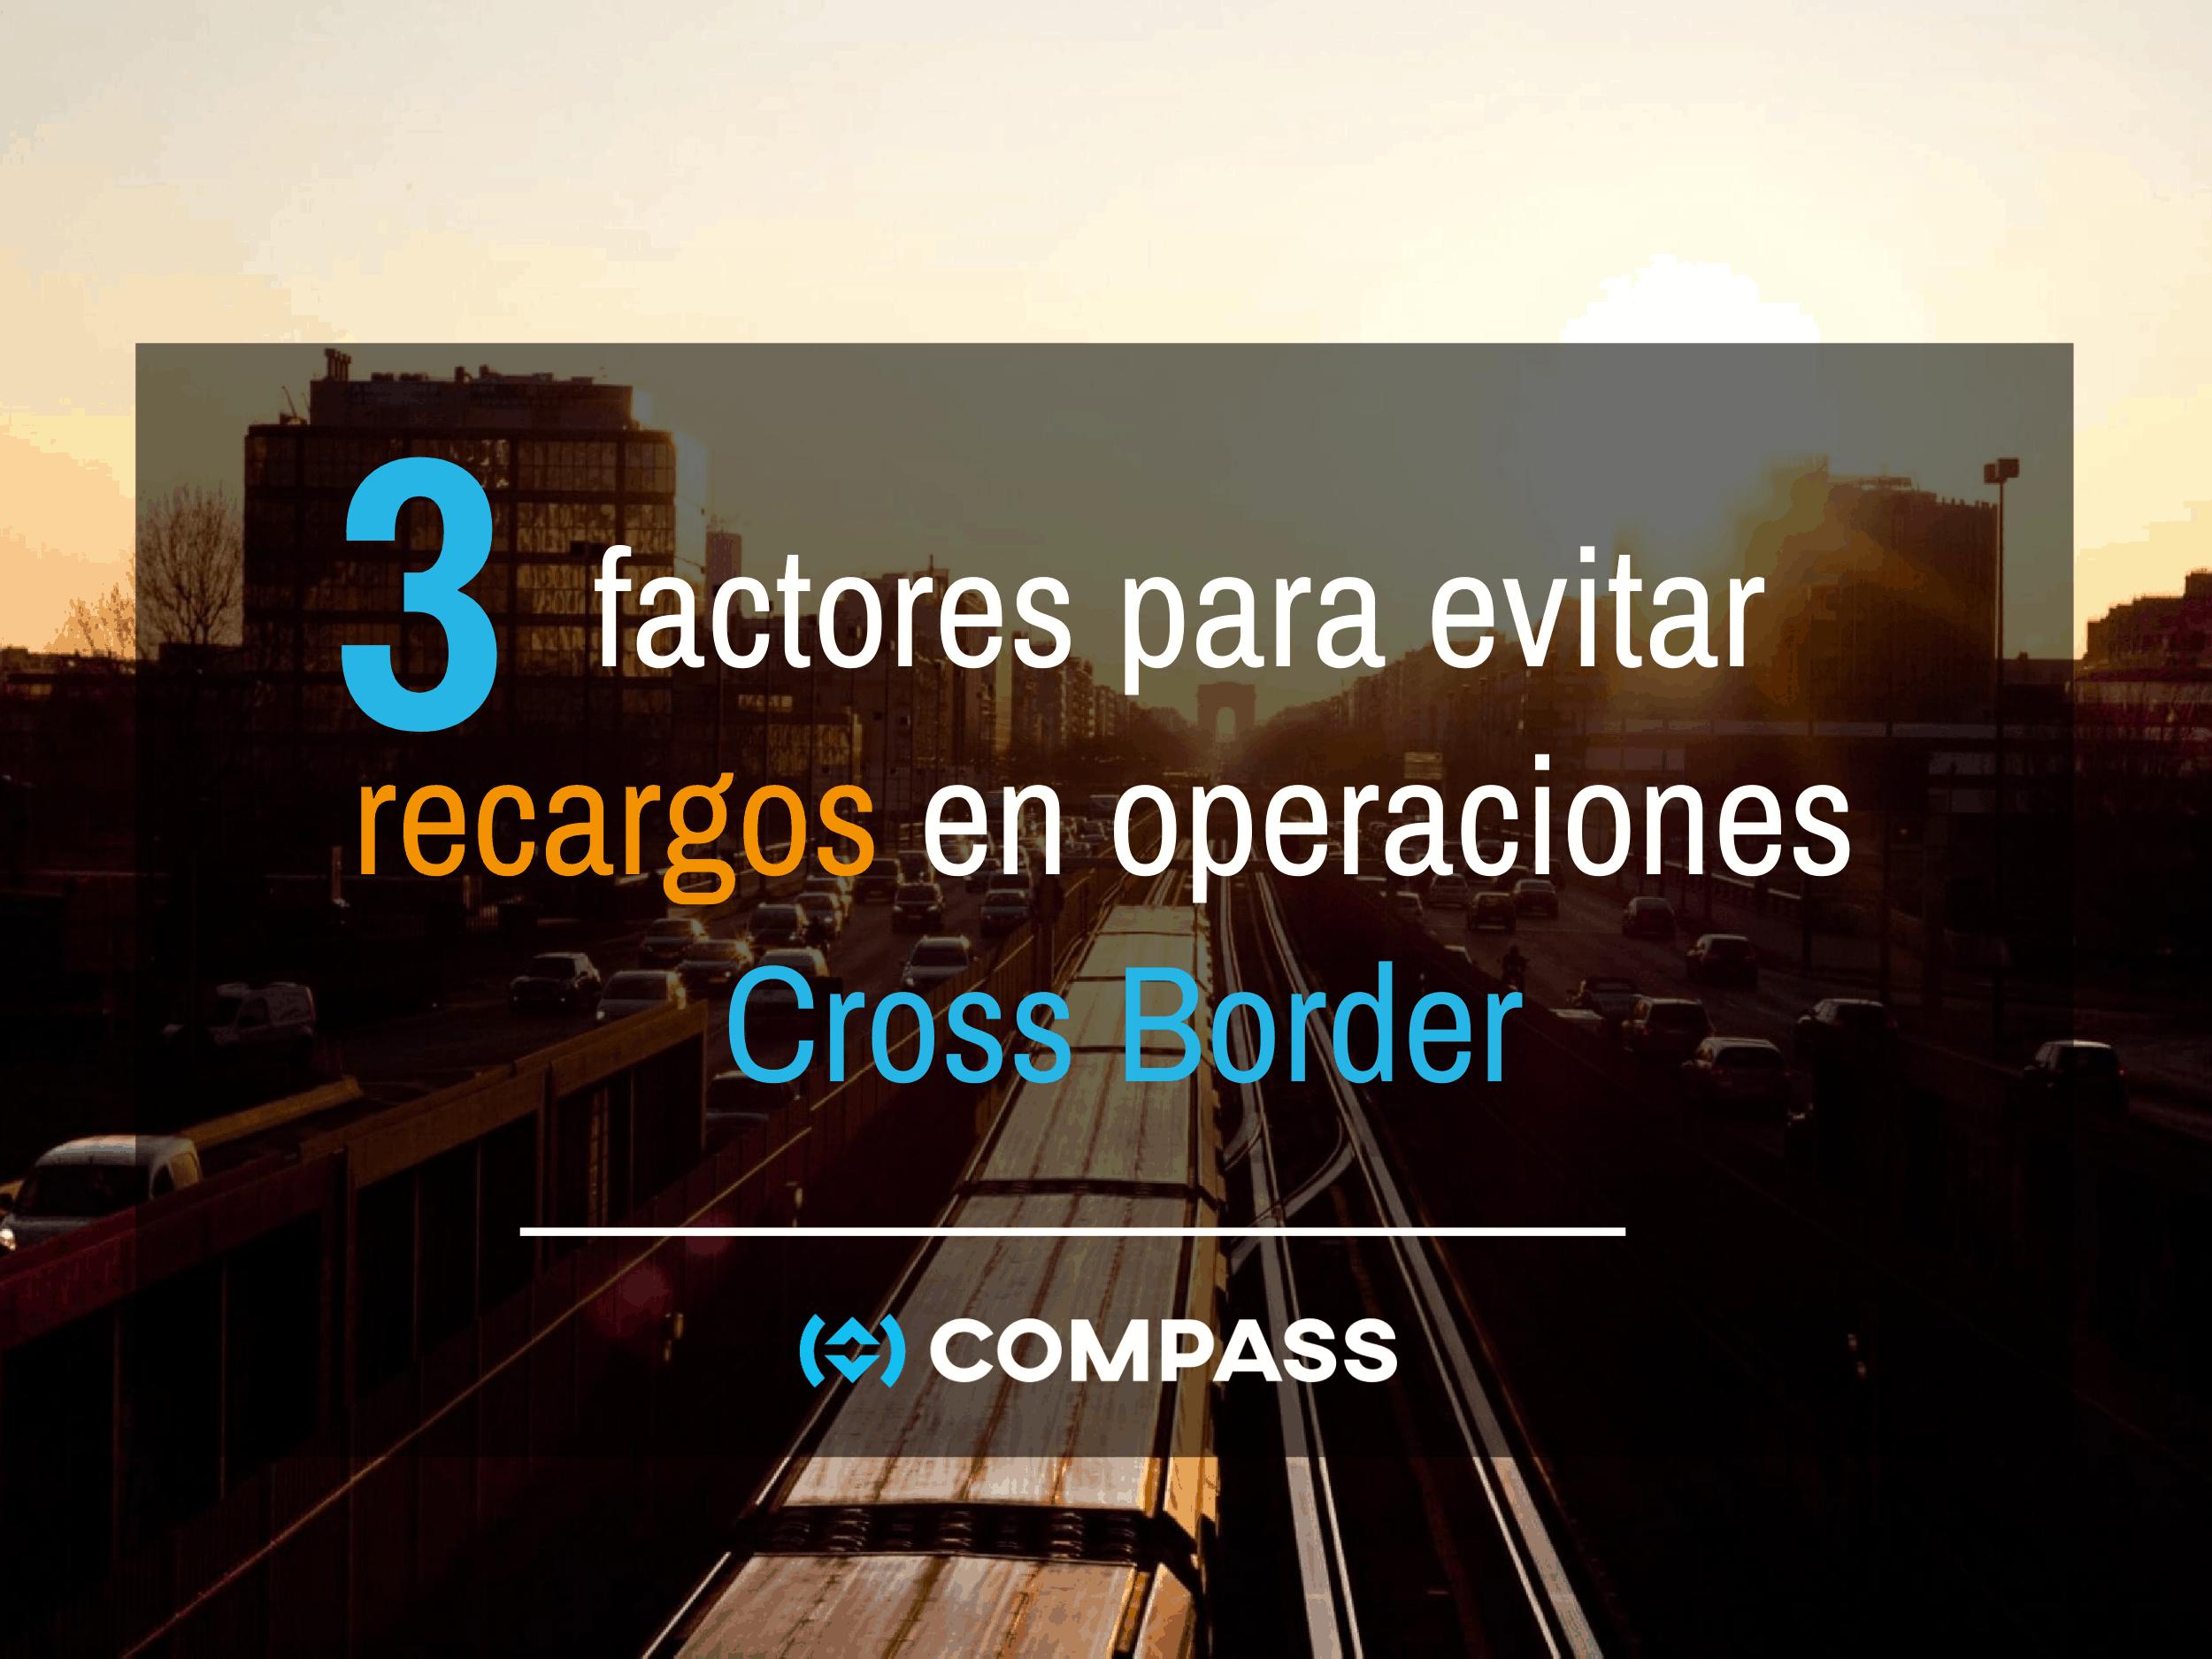 3 factores para evitar recargos en operaciones Cross Border